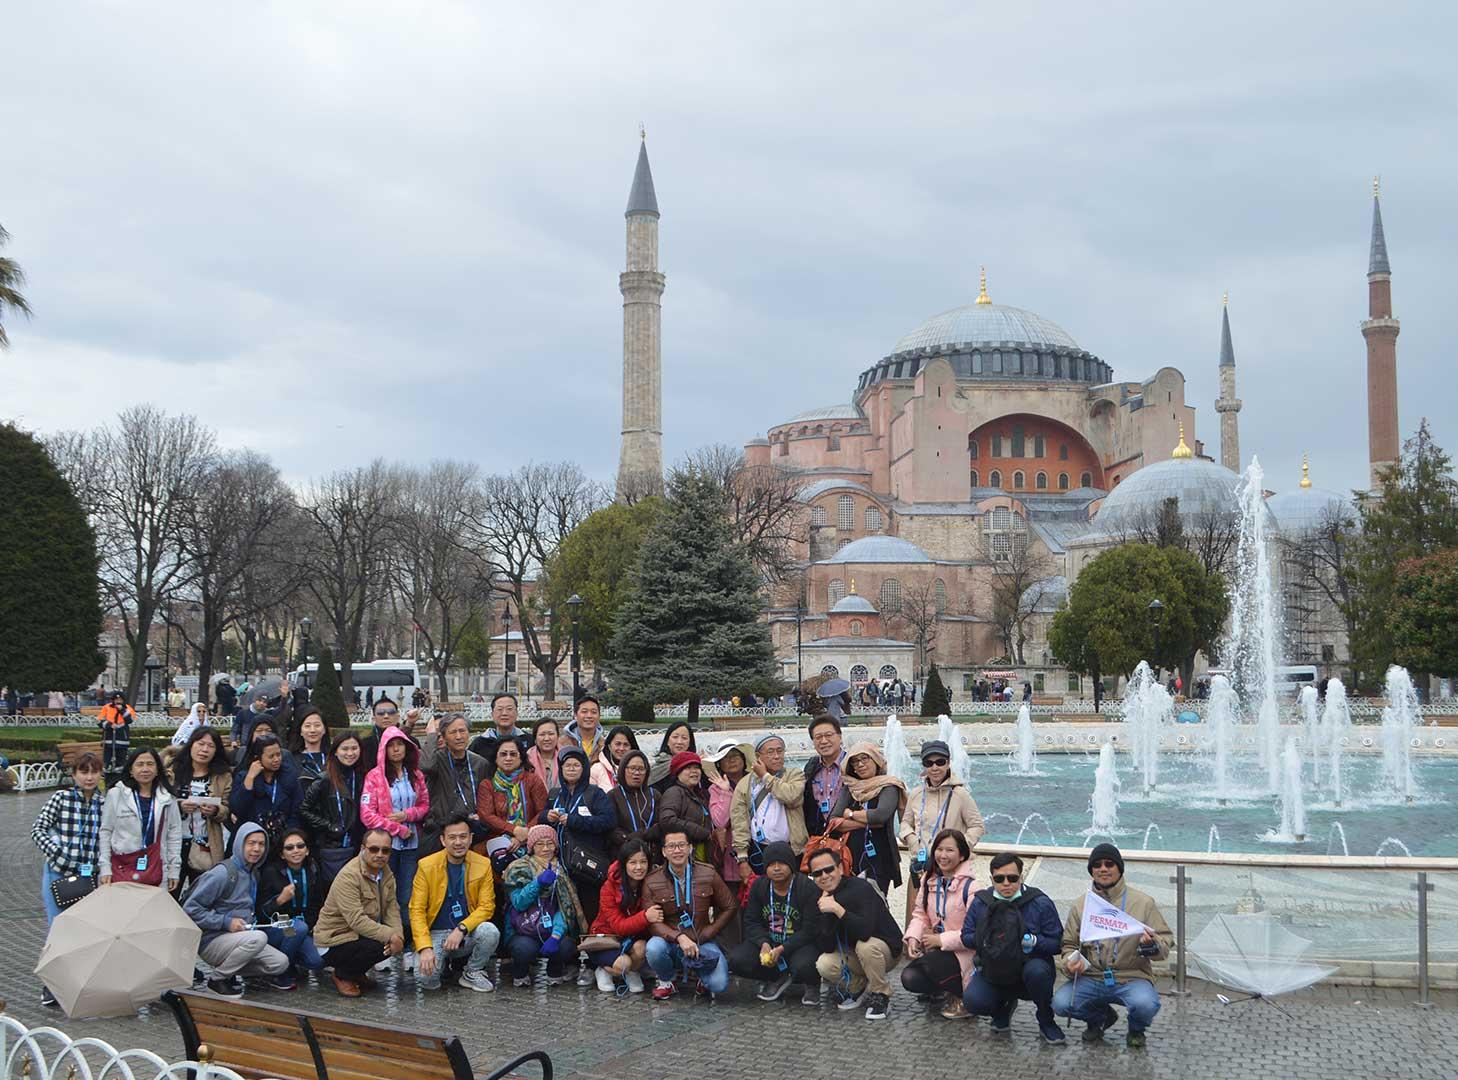 wisata holyland tour